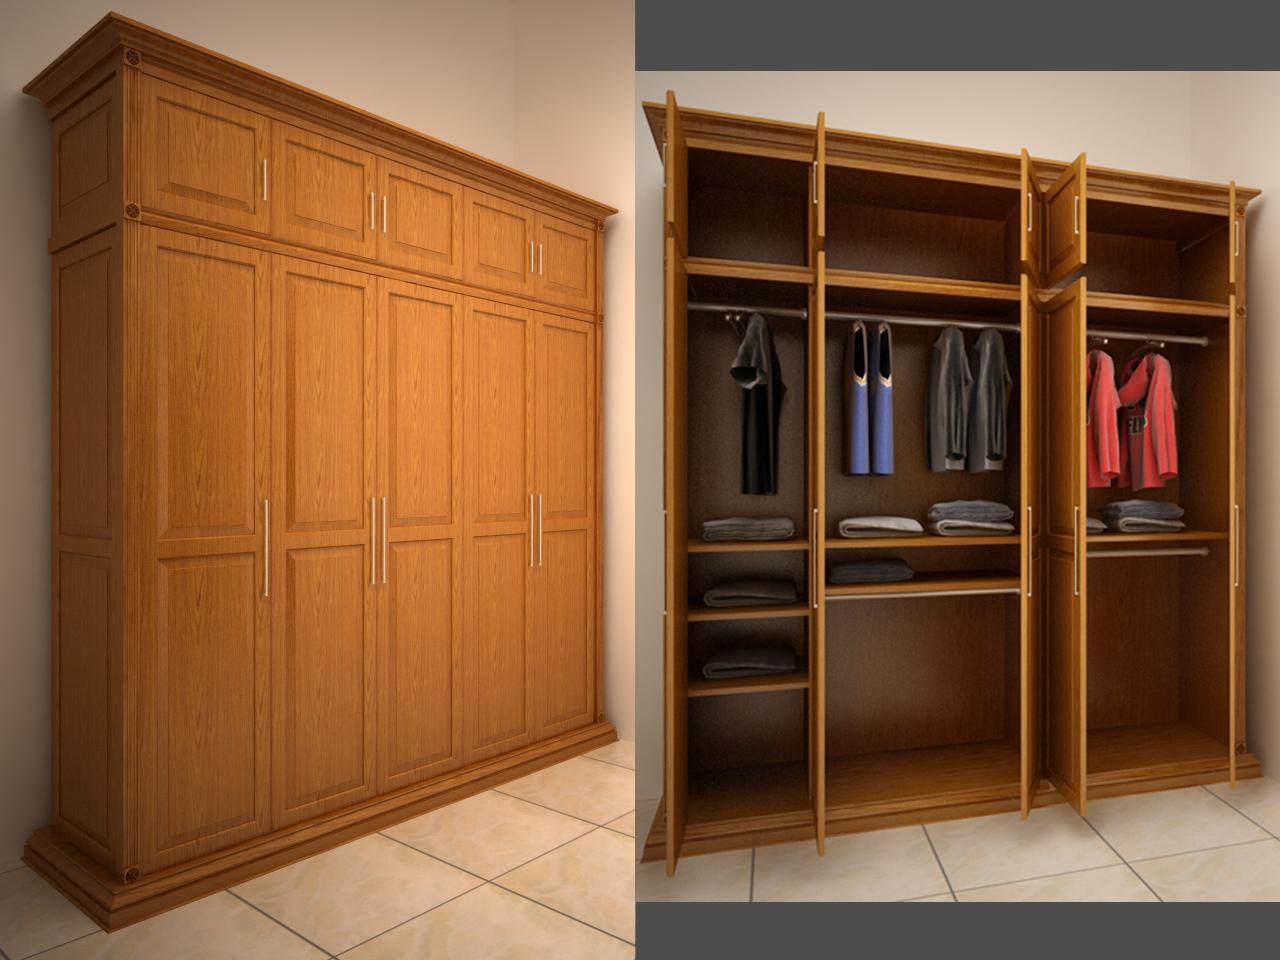 Tủ quần áo 5 cánh gỗ xoan đào đẹp